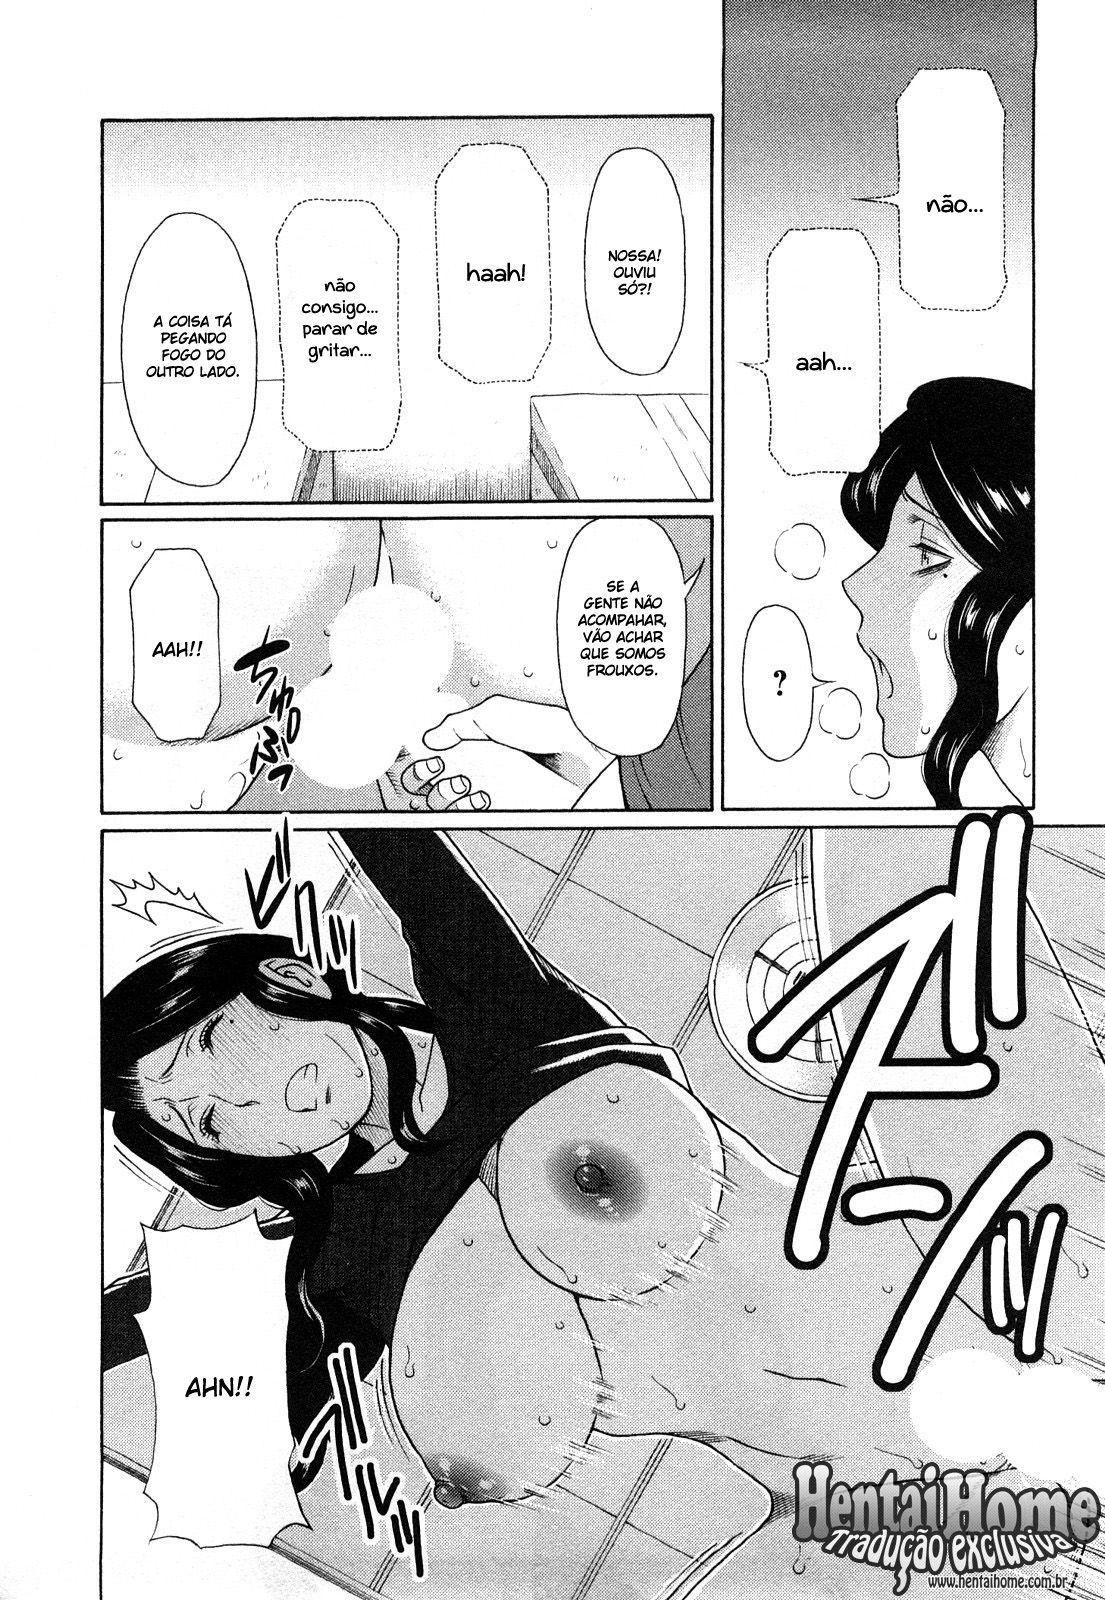 hentaihome.net-7-8